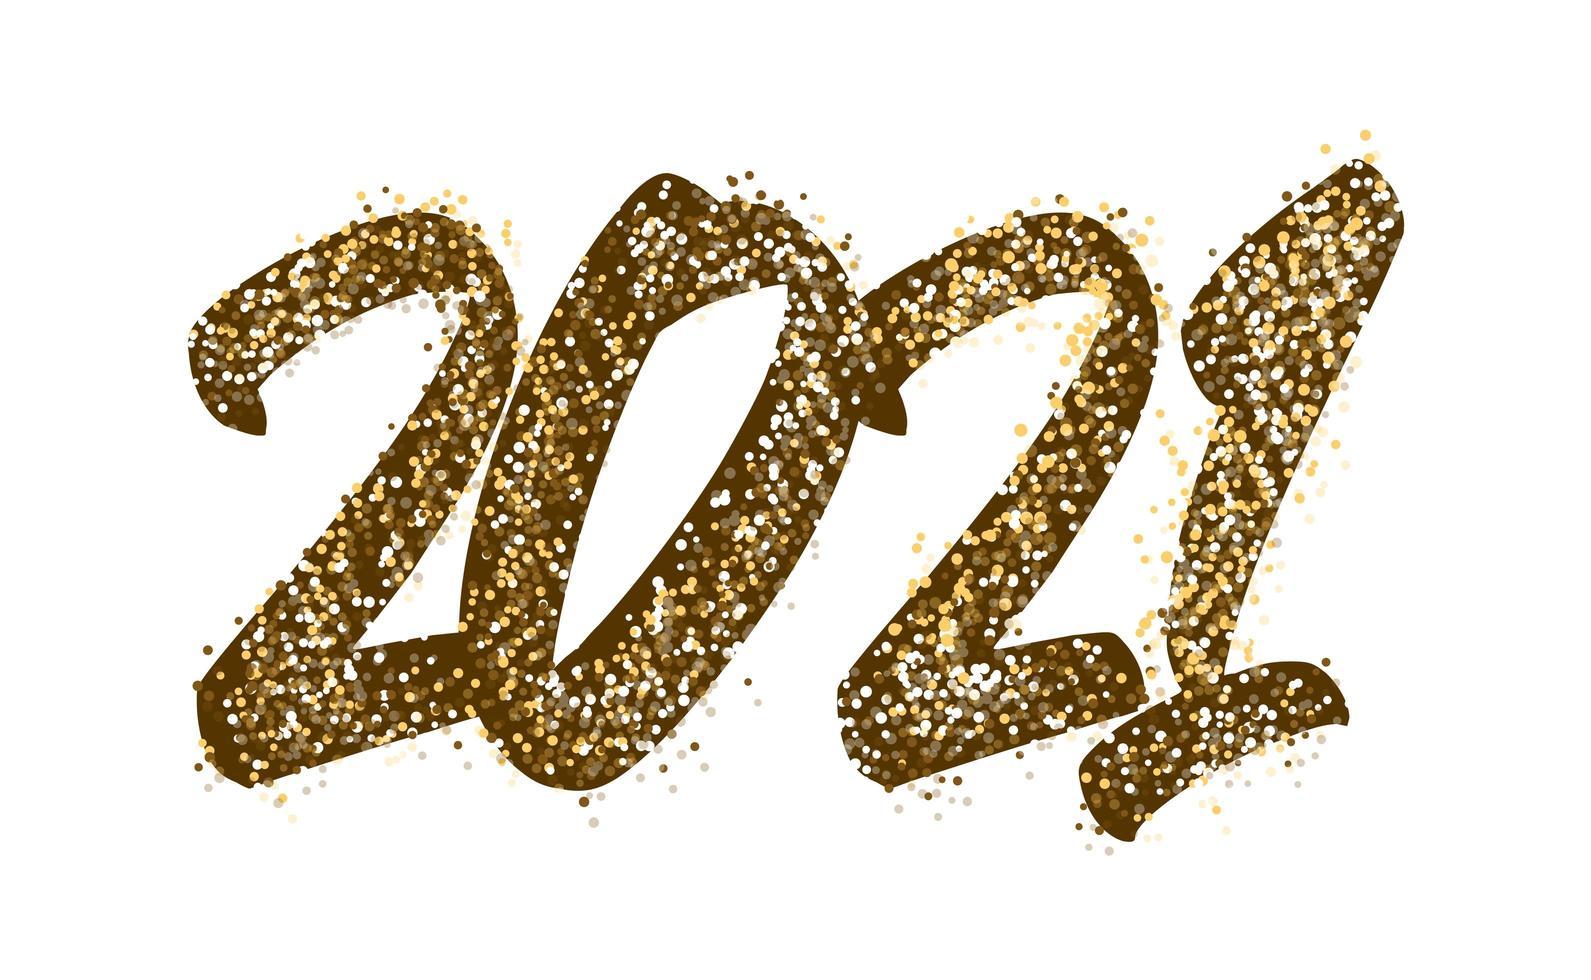 Typographie de l'étincelle d'or 2021 vecteur